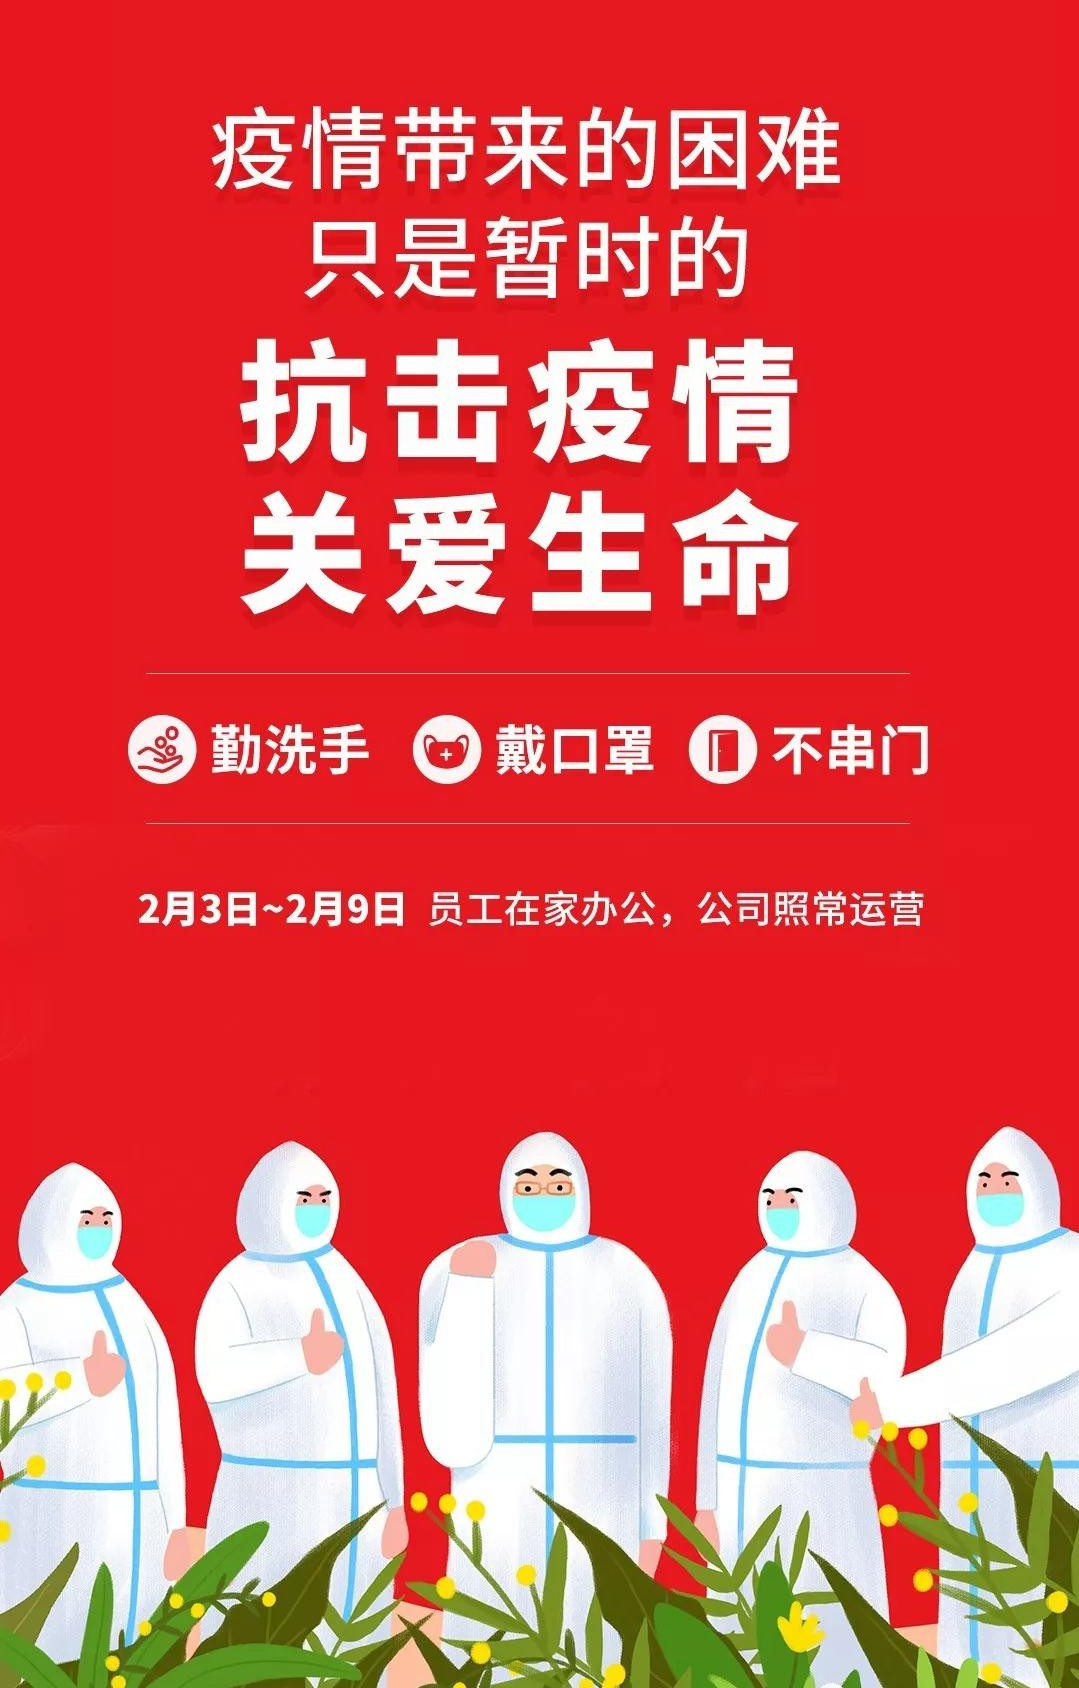 贵州空压机租赁公司